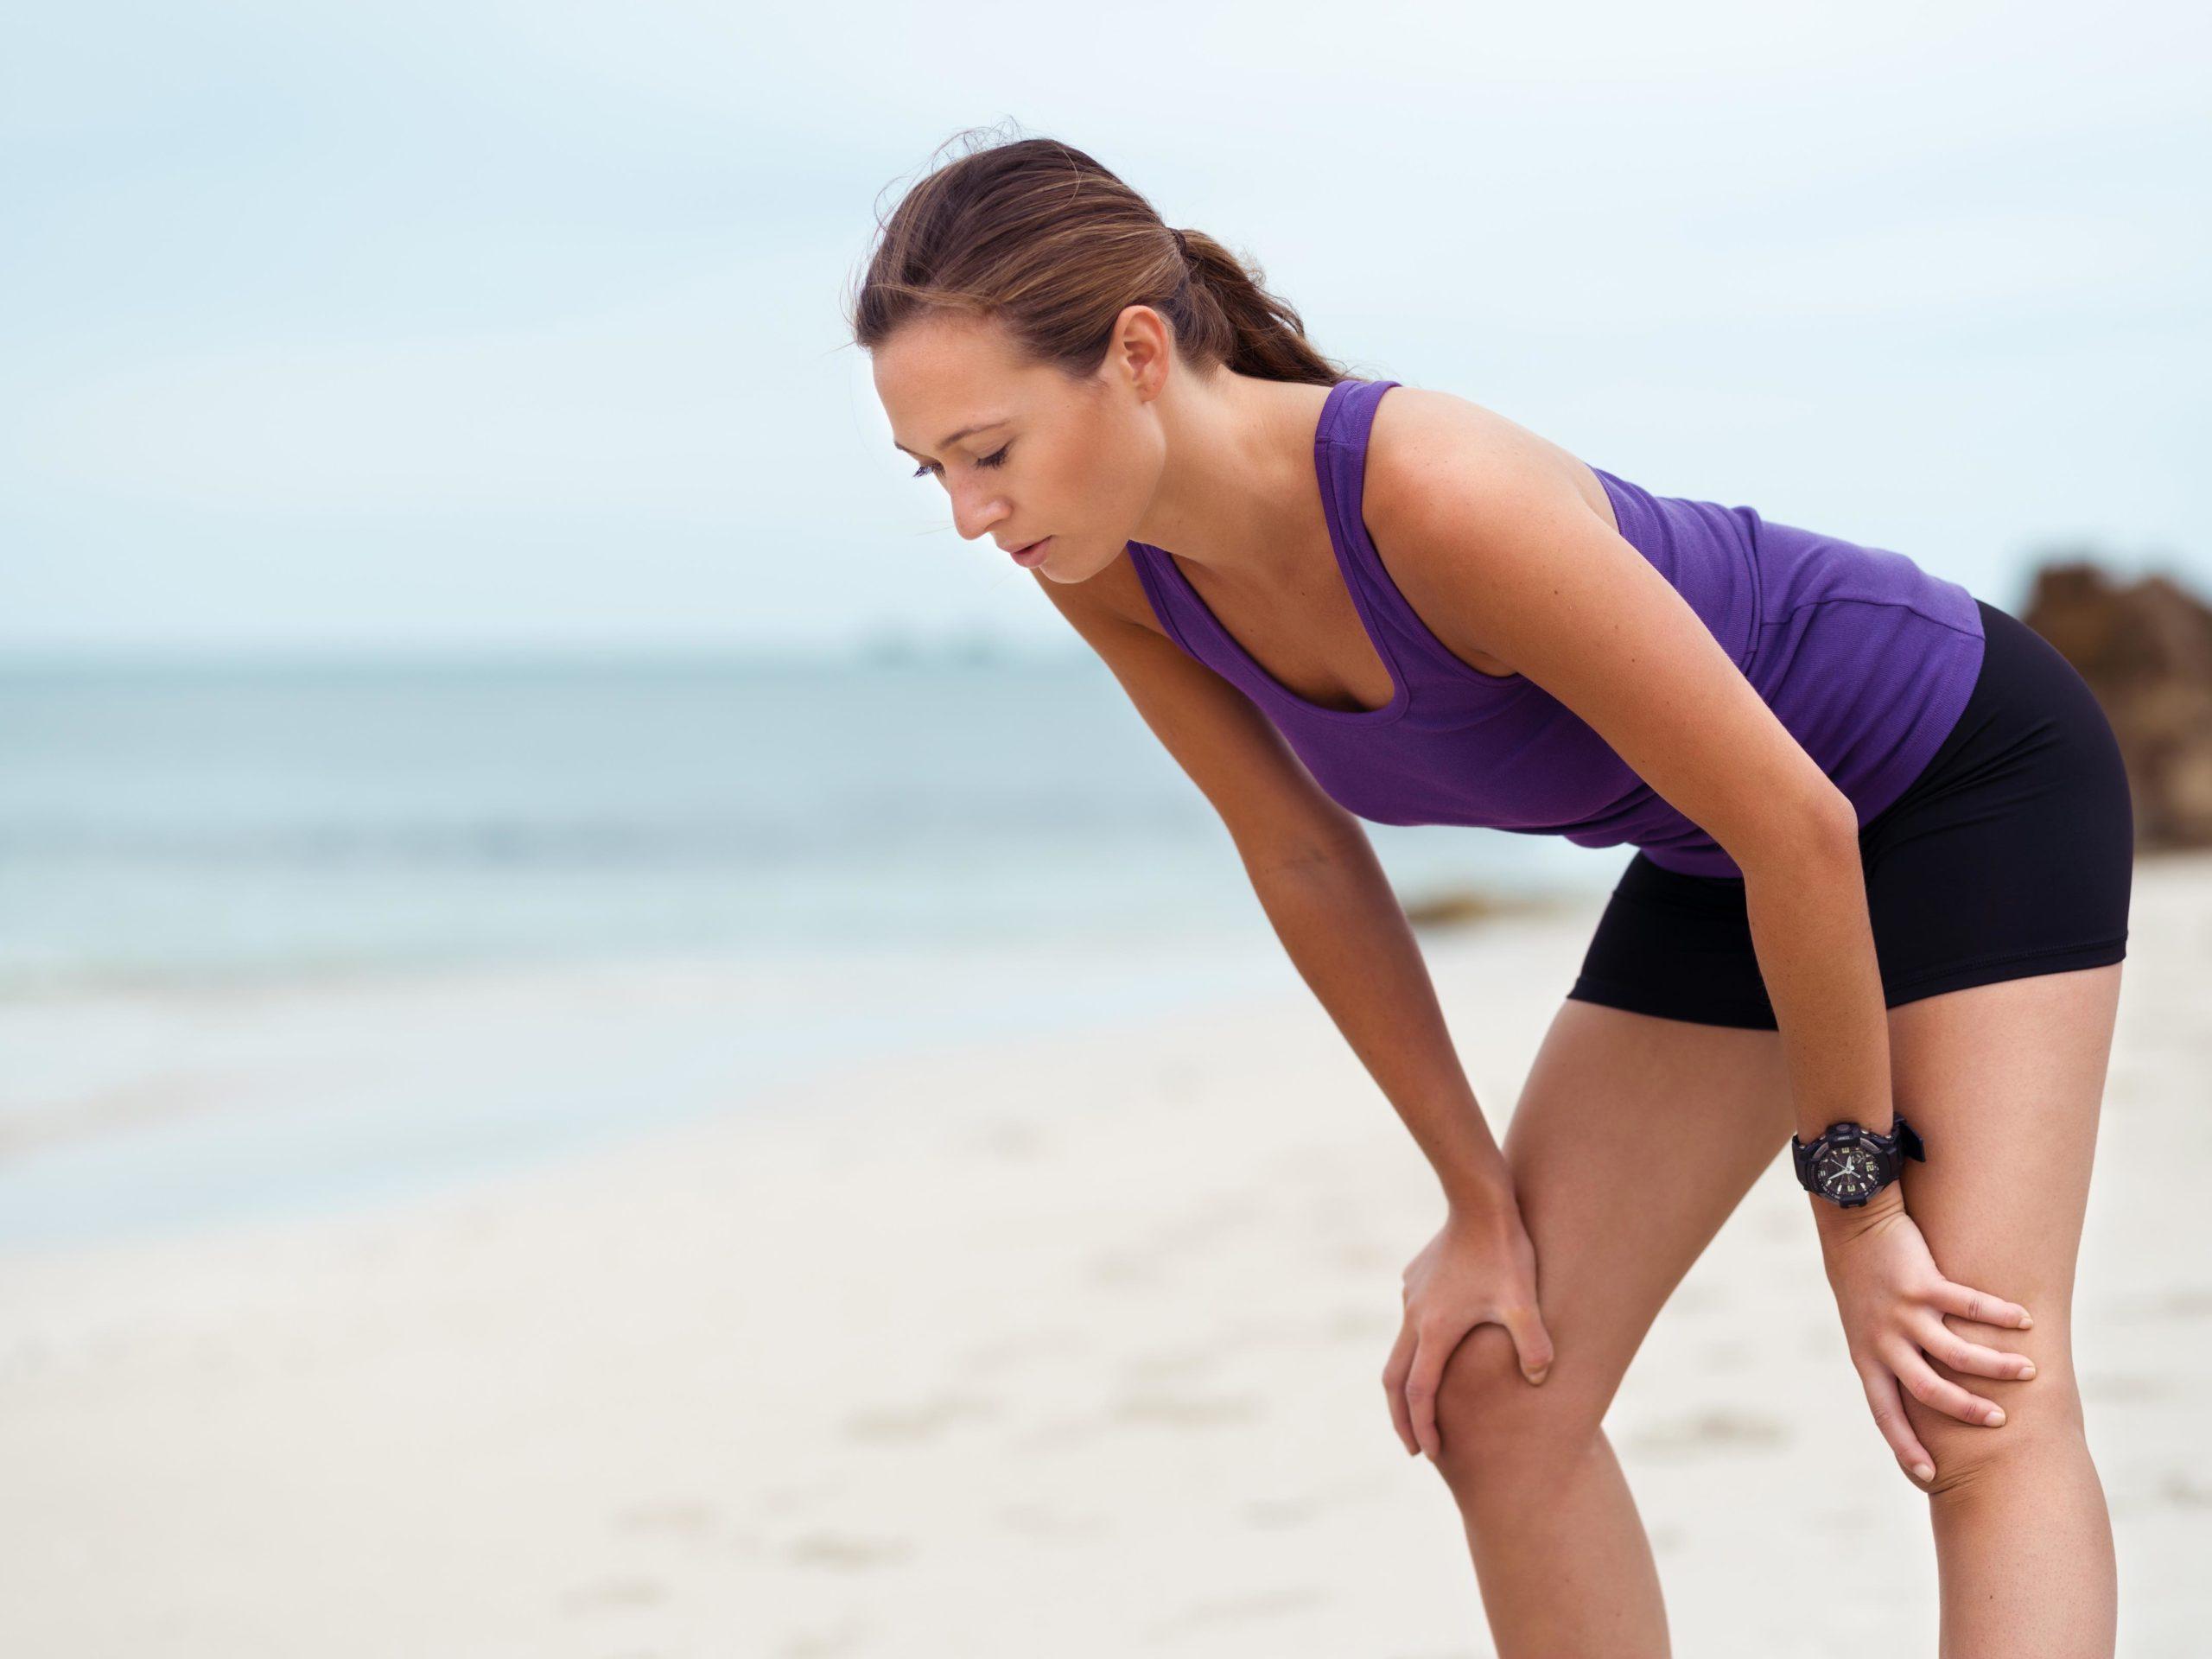 Die sieben häufigsten Trainingsfehler